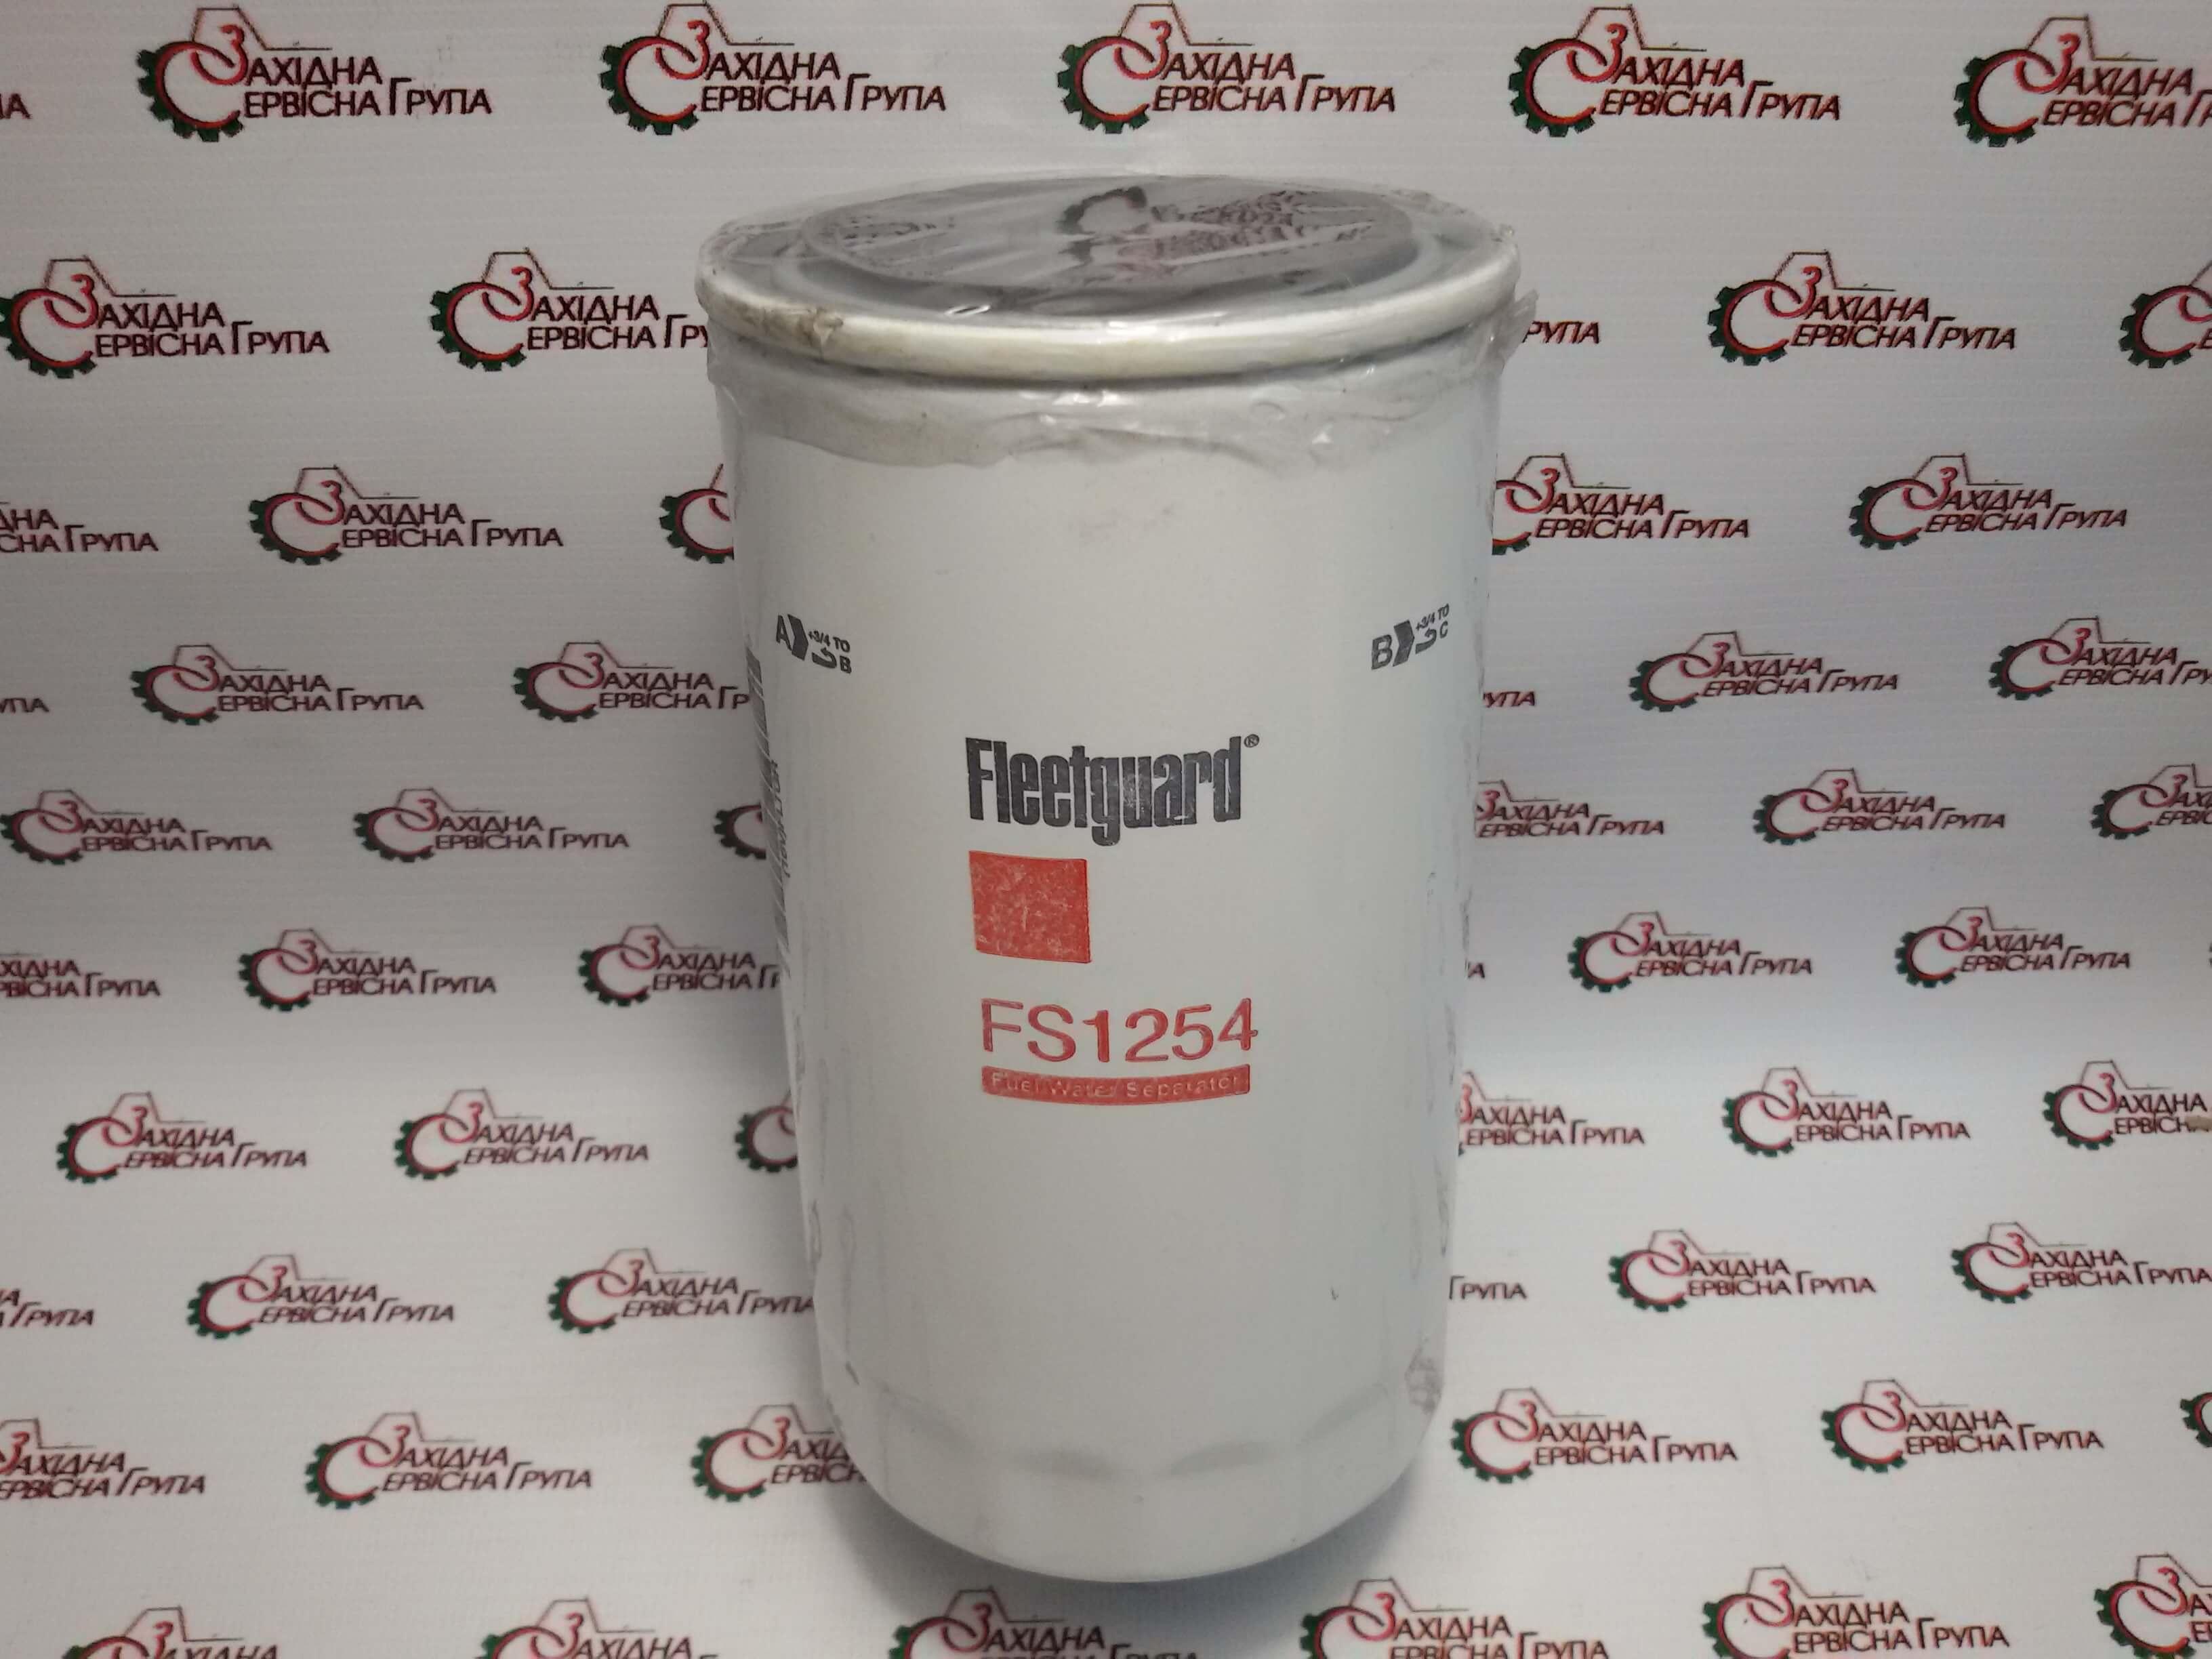 Фільтр паливний сепаратор Cummins Fleetguard FS1254